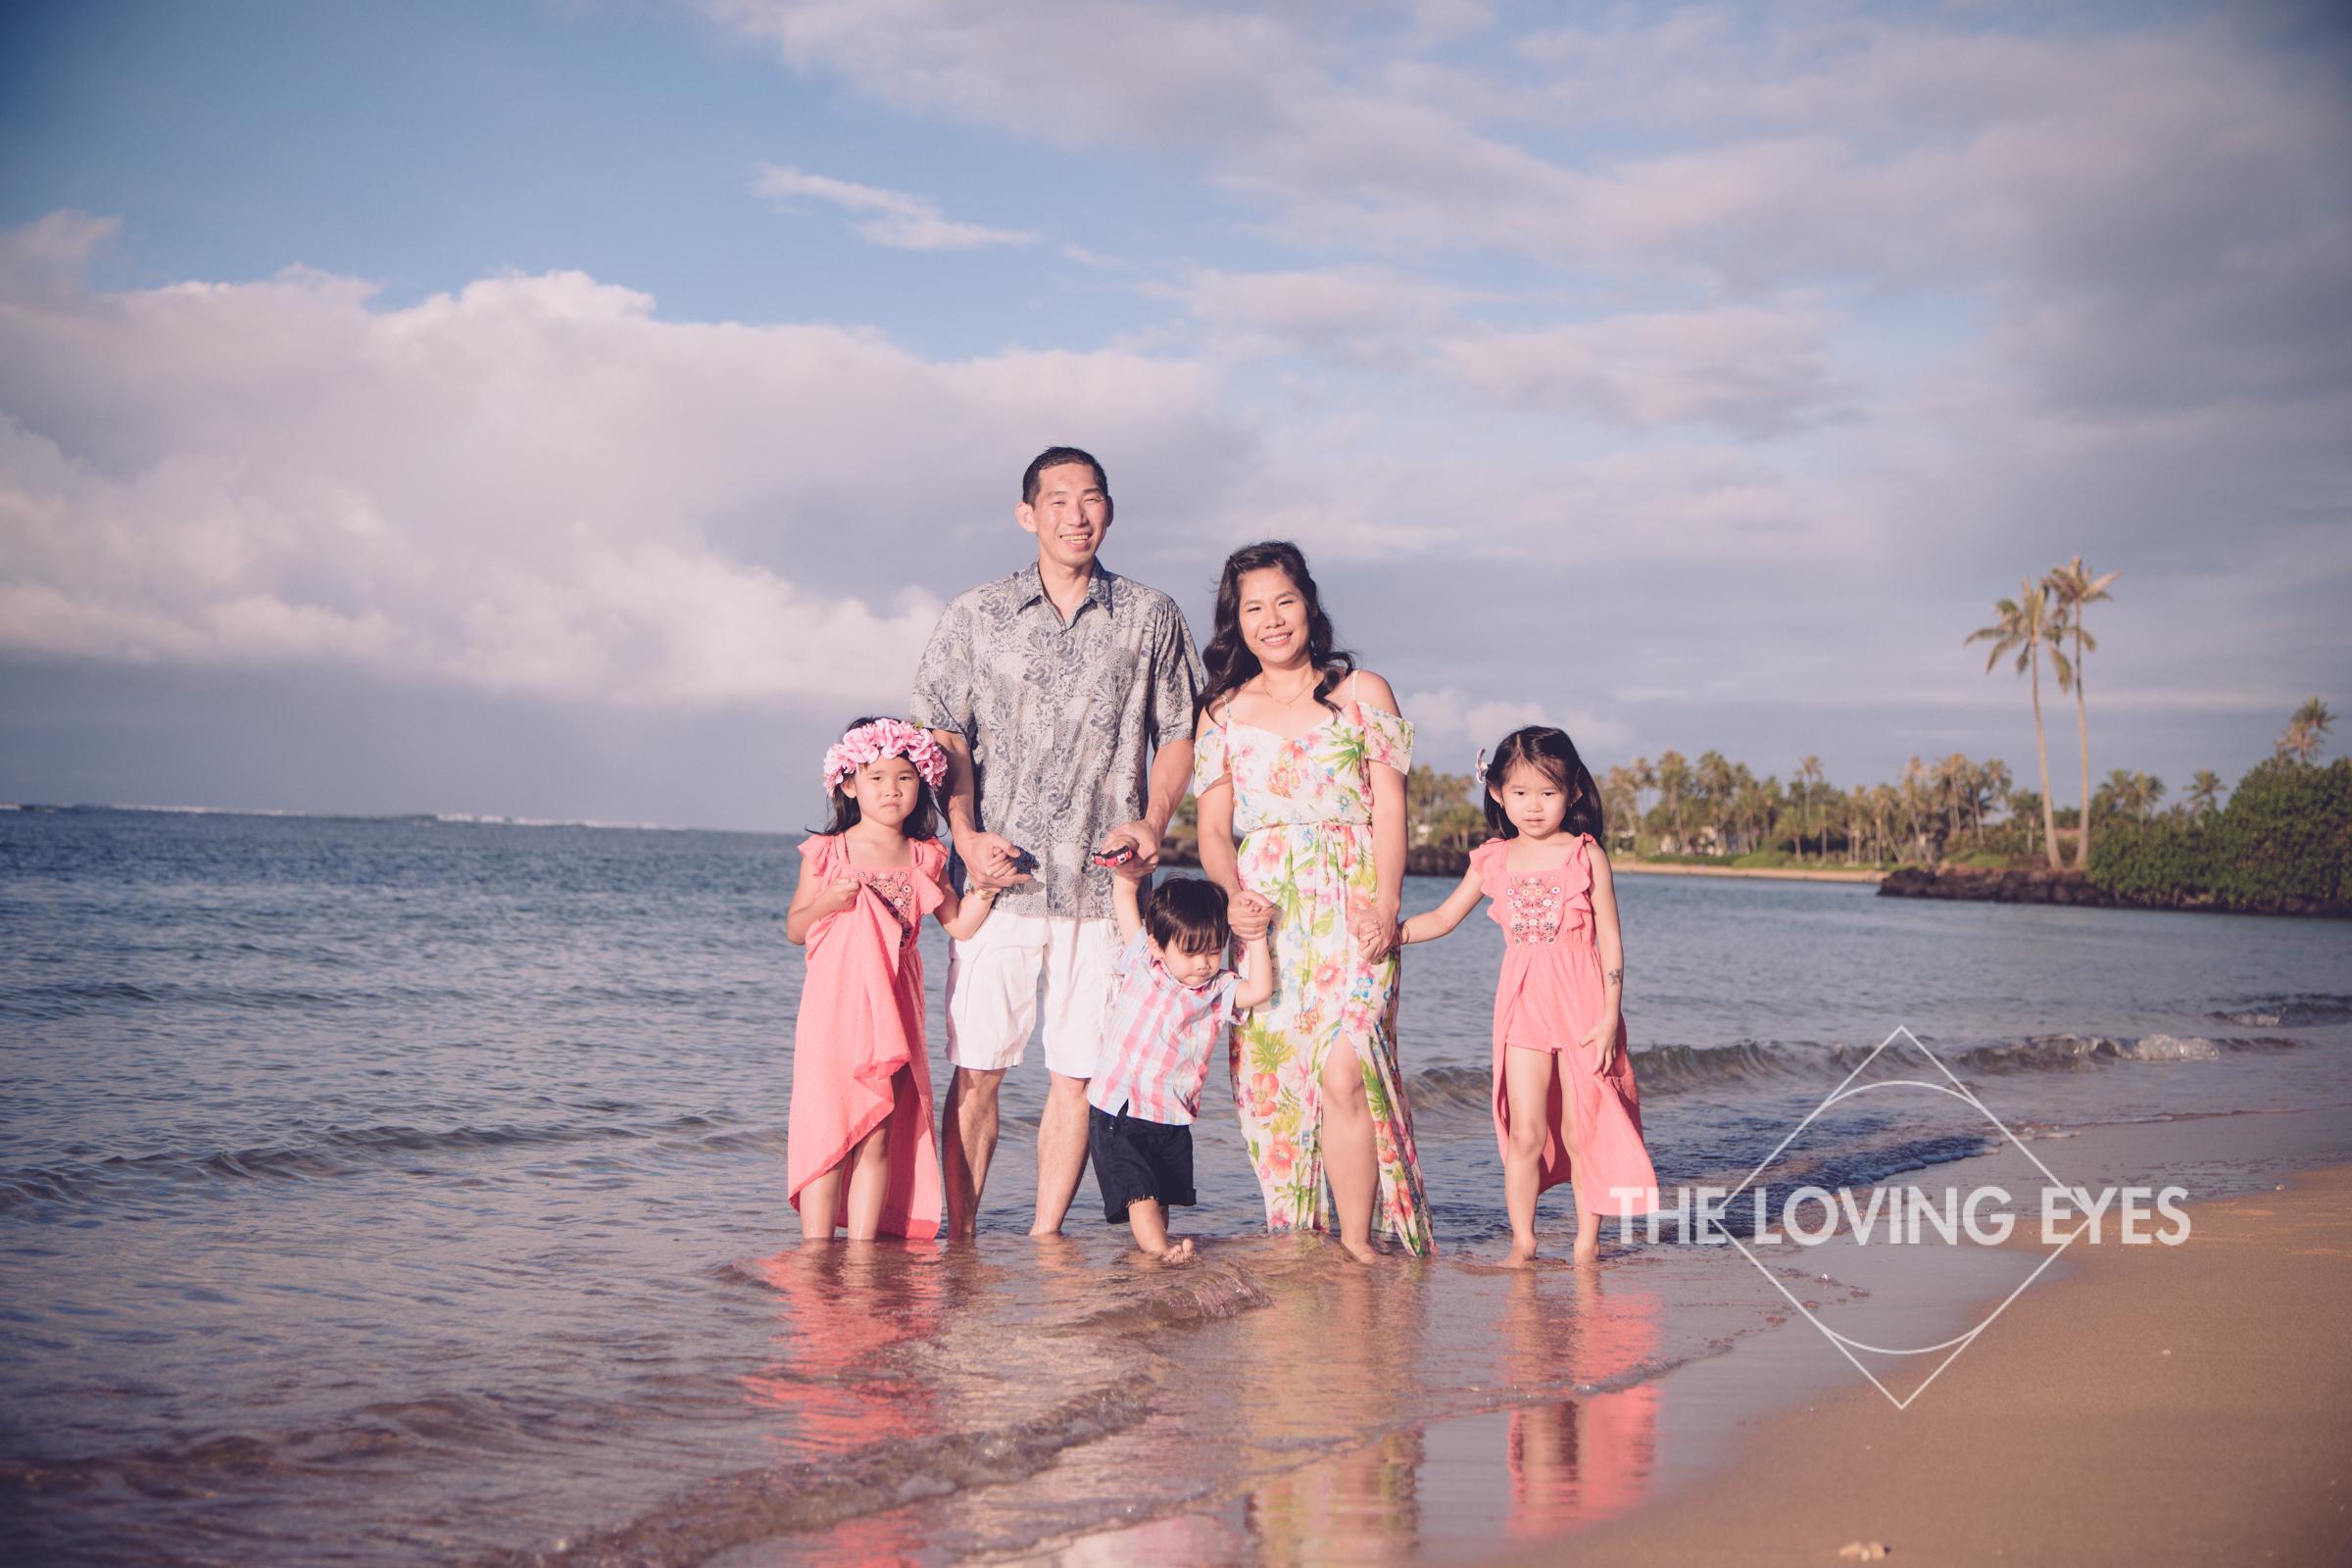 Family Hawaii Vacation Photos-1.jpg